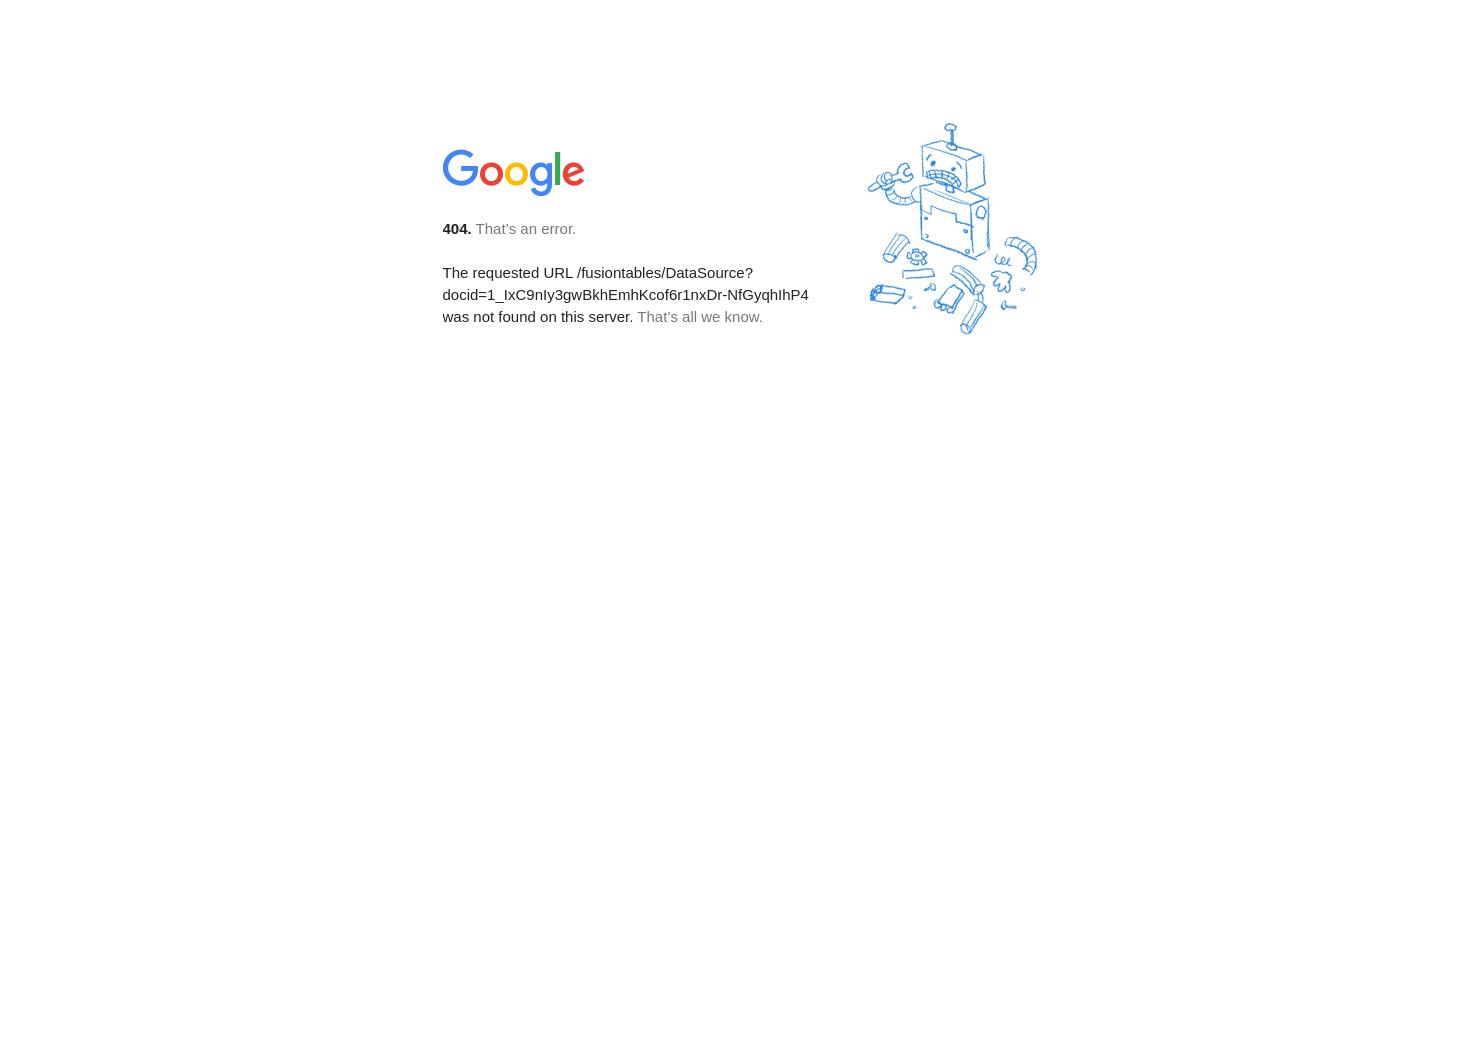 https://www.google.com/fusiontables/DataSource?docid=1_IxC9nIy3gwBkhEmhKcof6r1nxDr-NfGyqhIhP4#map:id=3